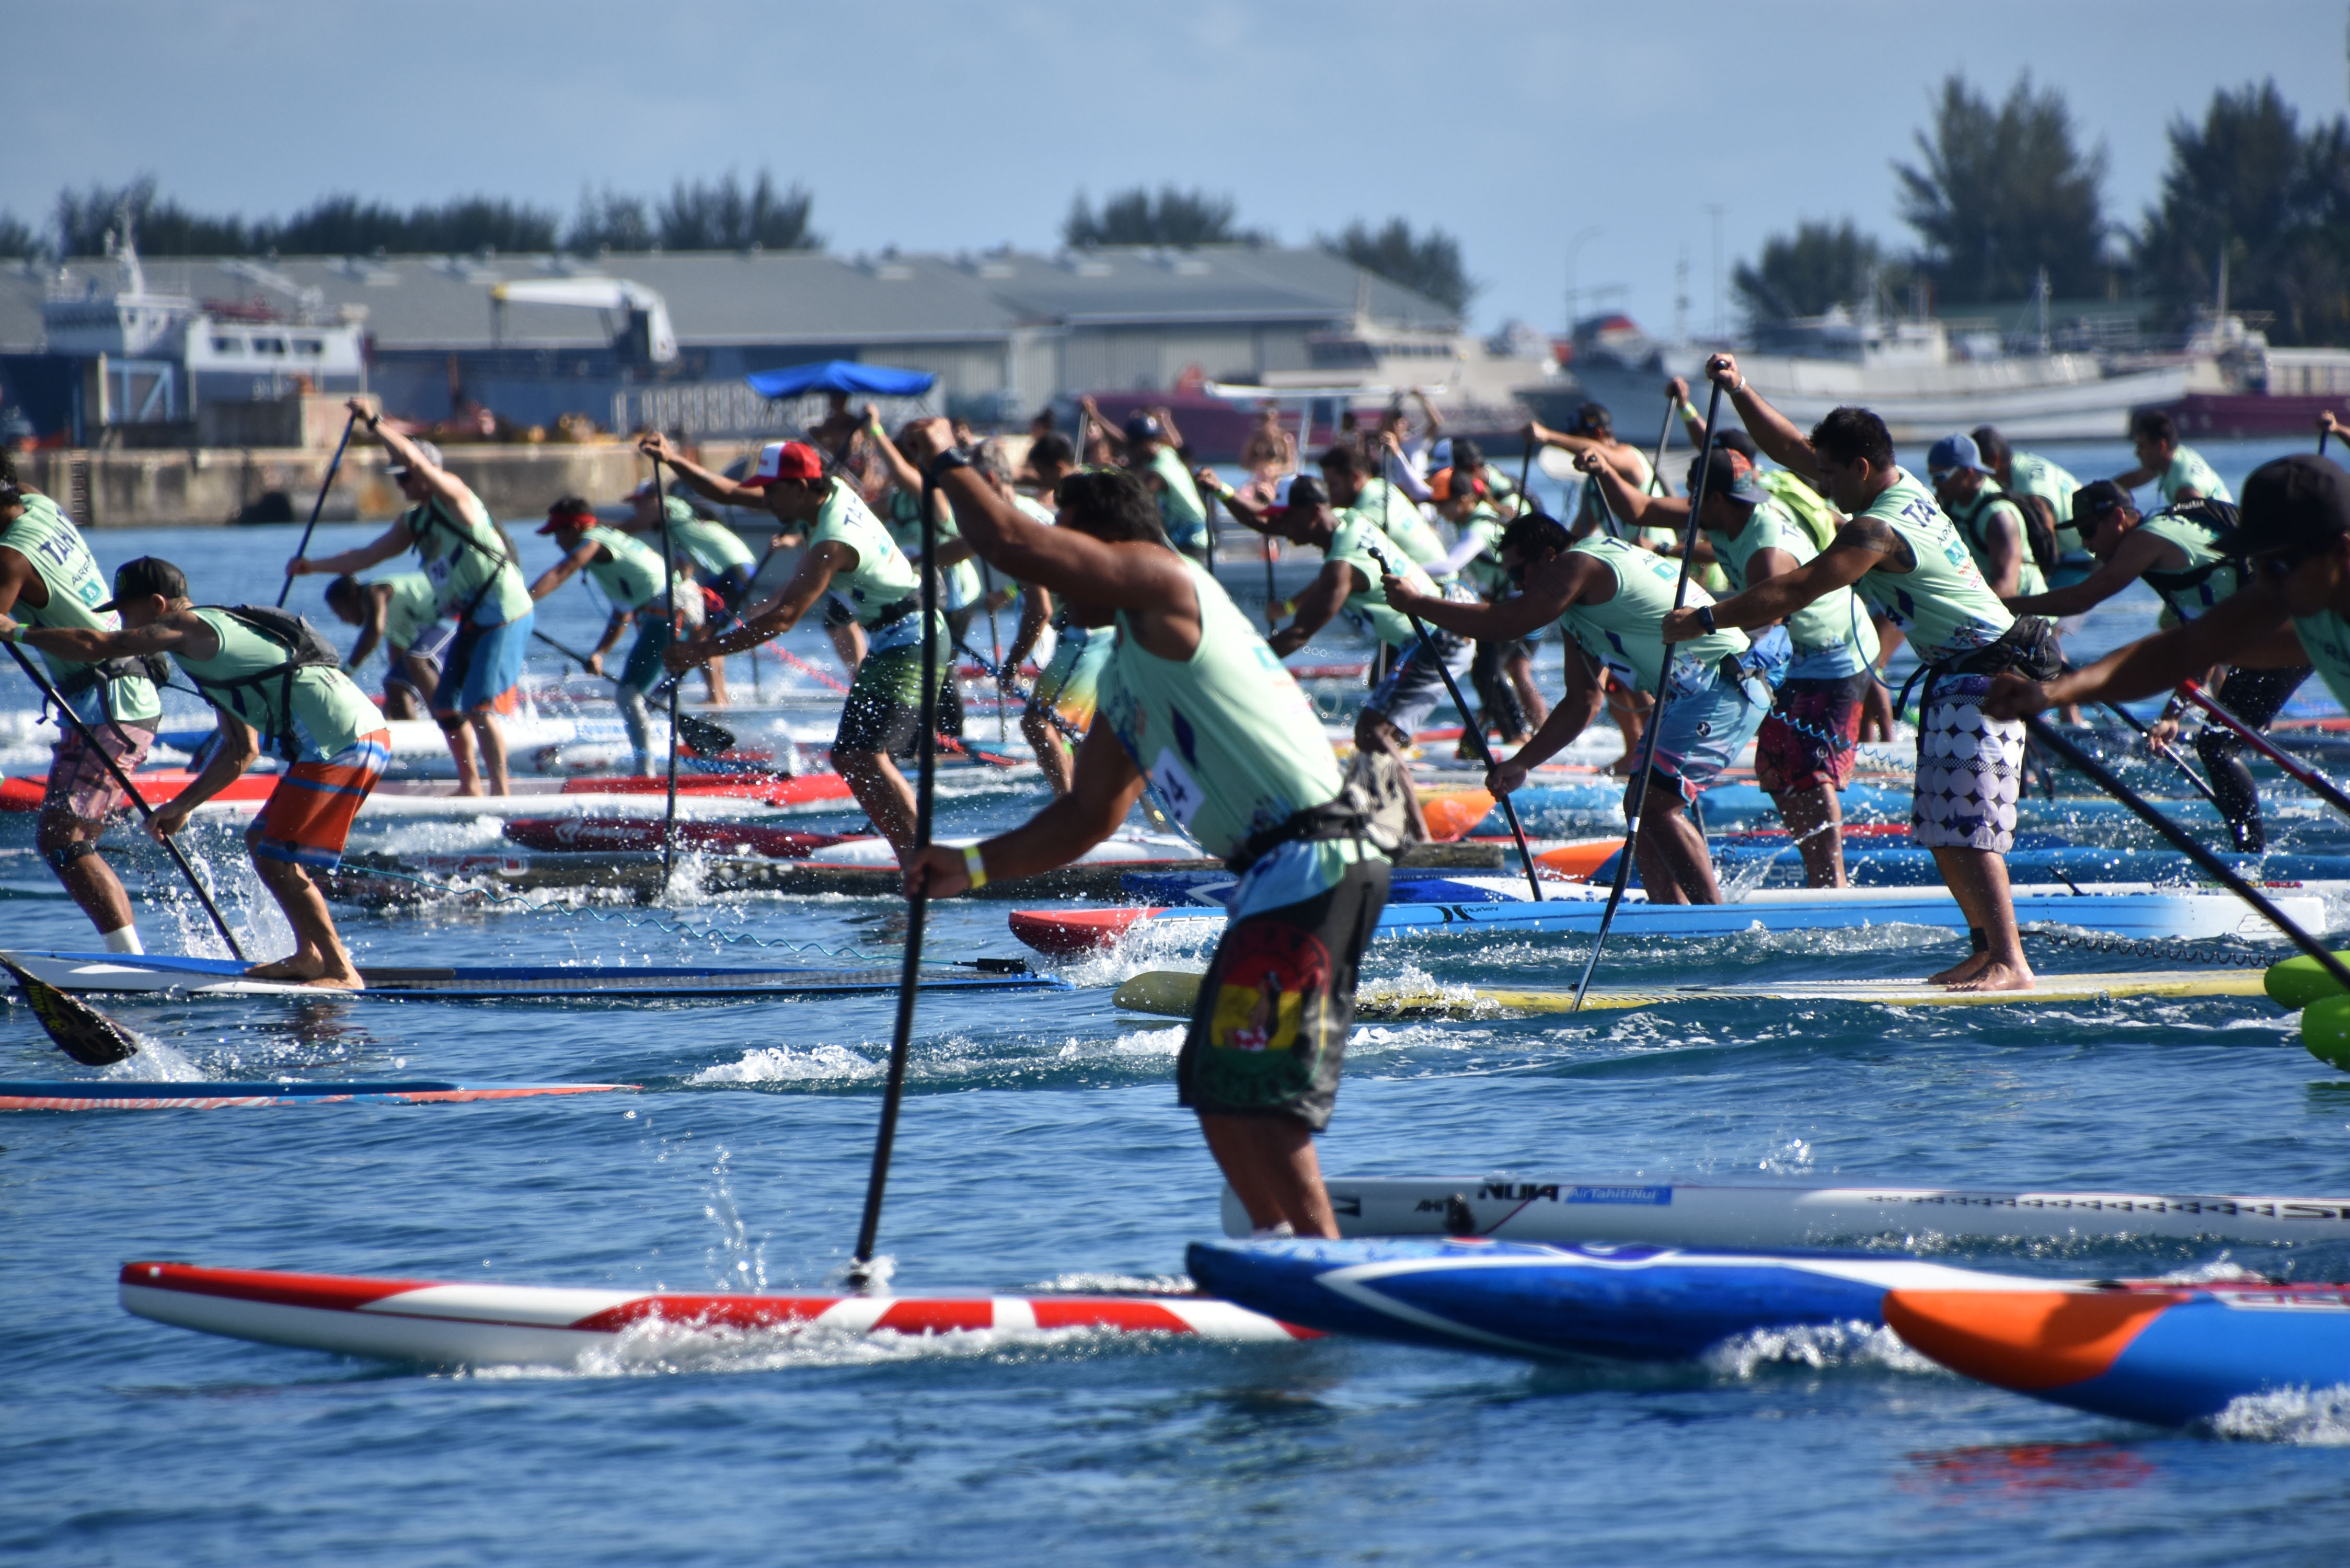 La 7ème édition du Paddle Festival reportée à 2021